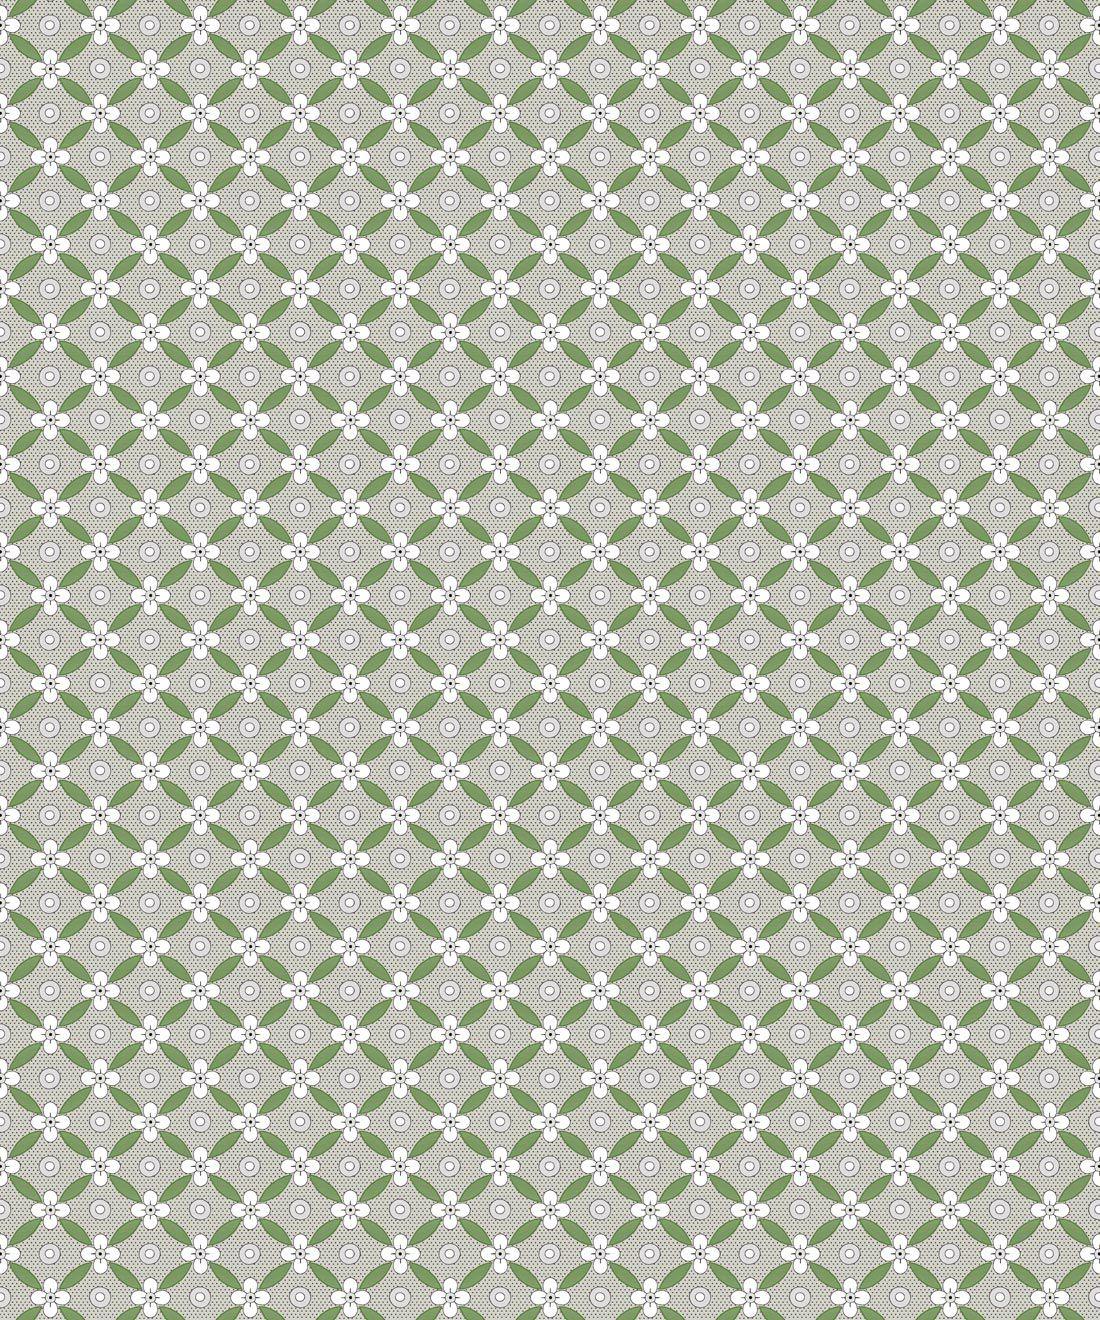 Petite Wallpaper • Fern Green • Swatch